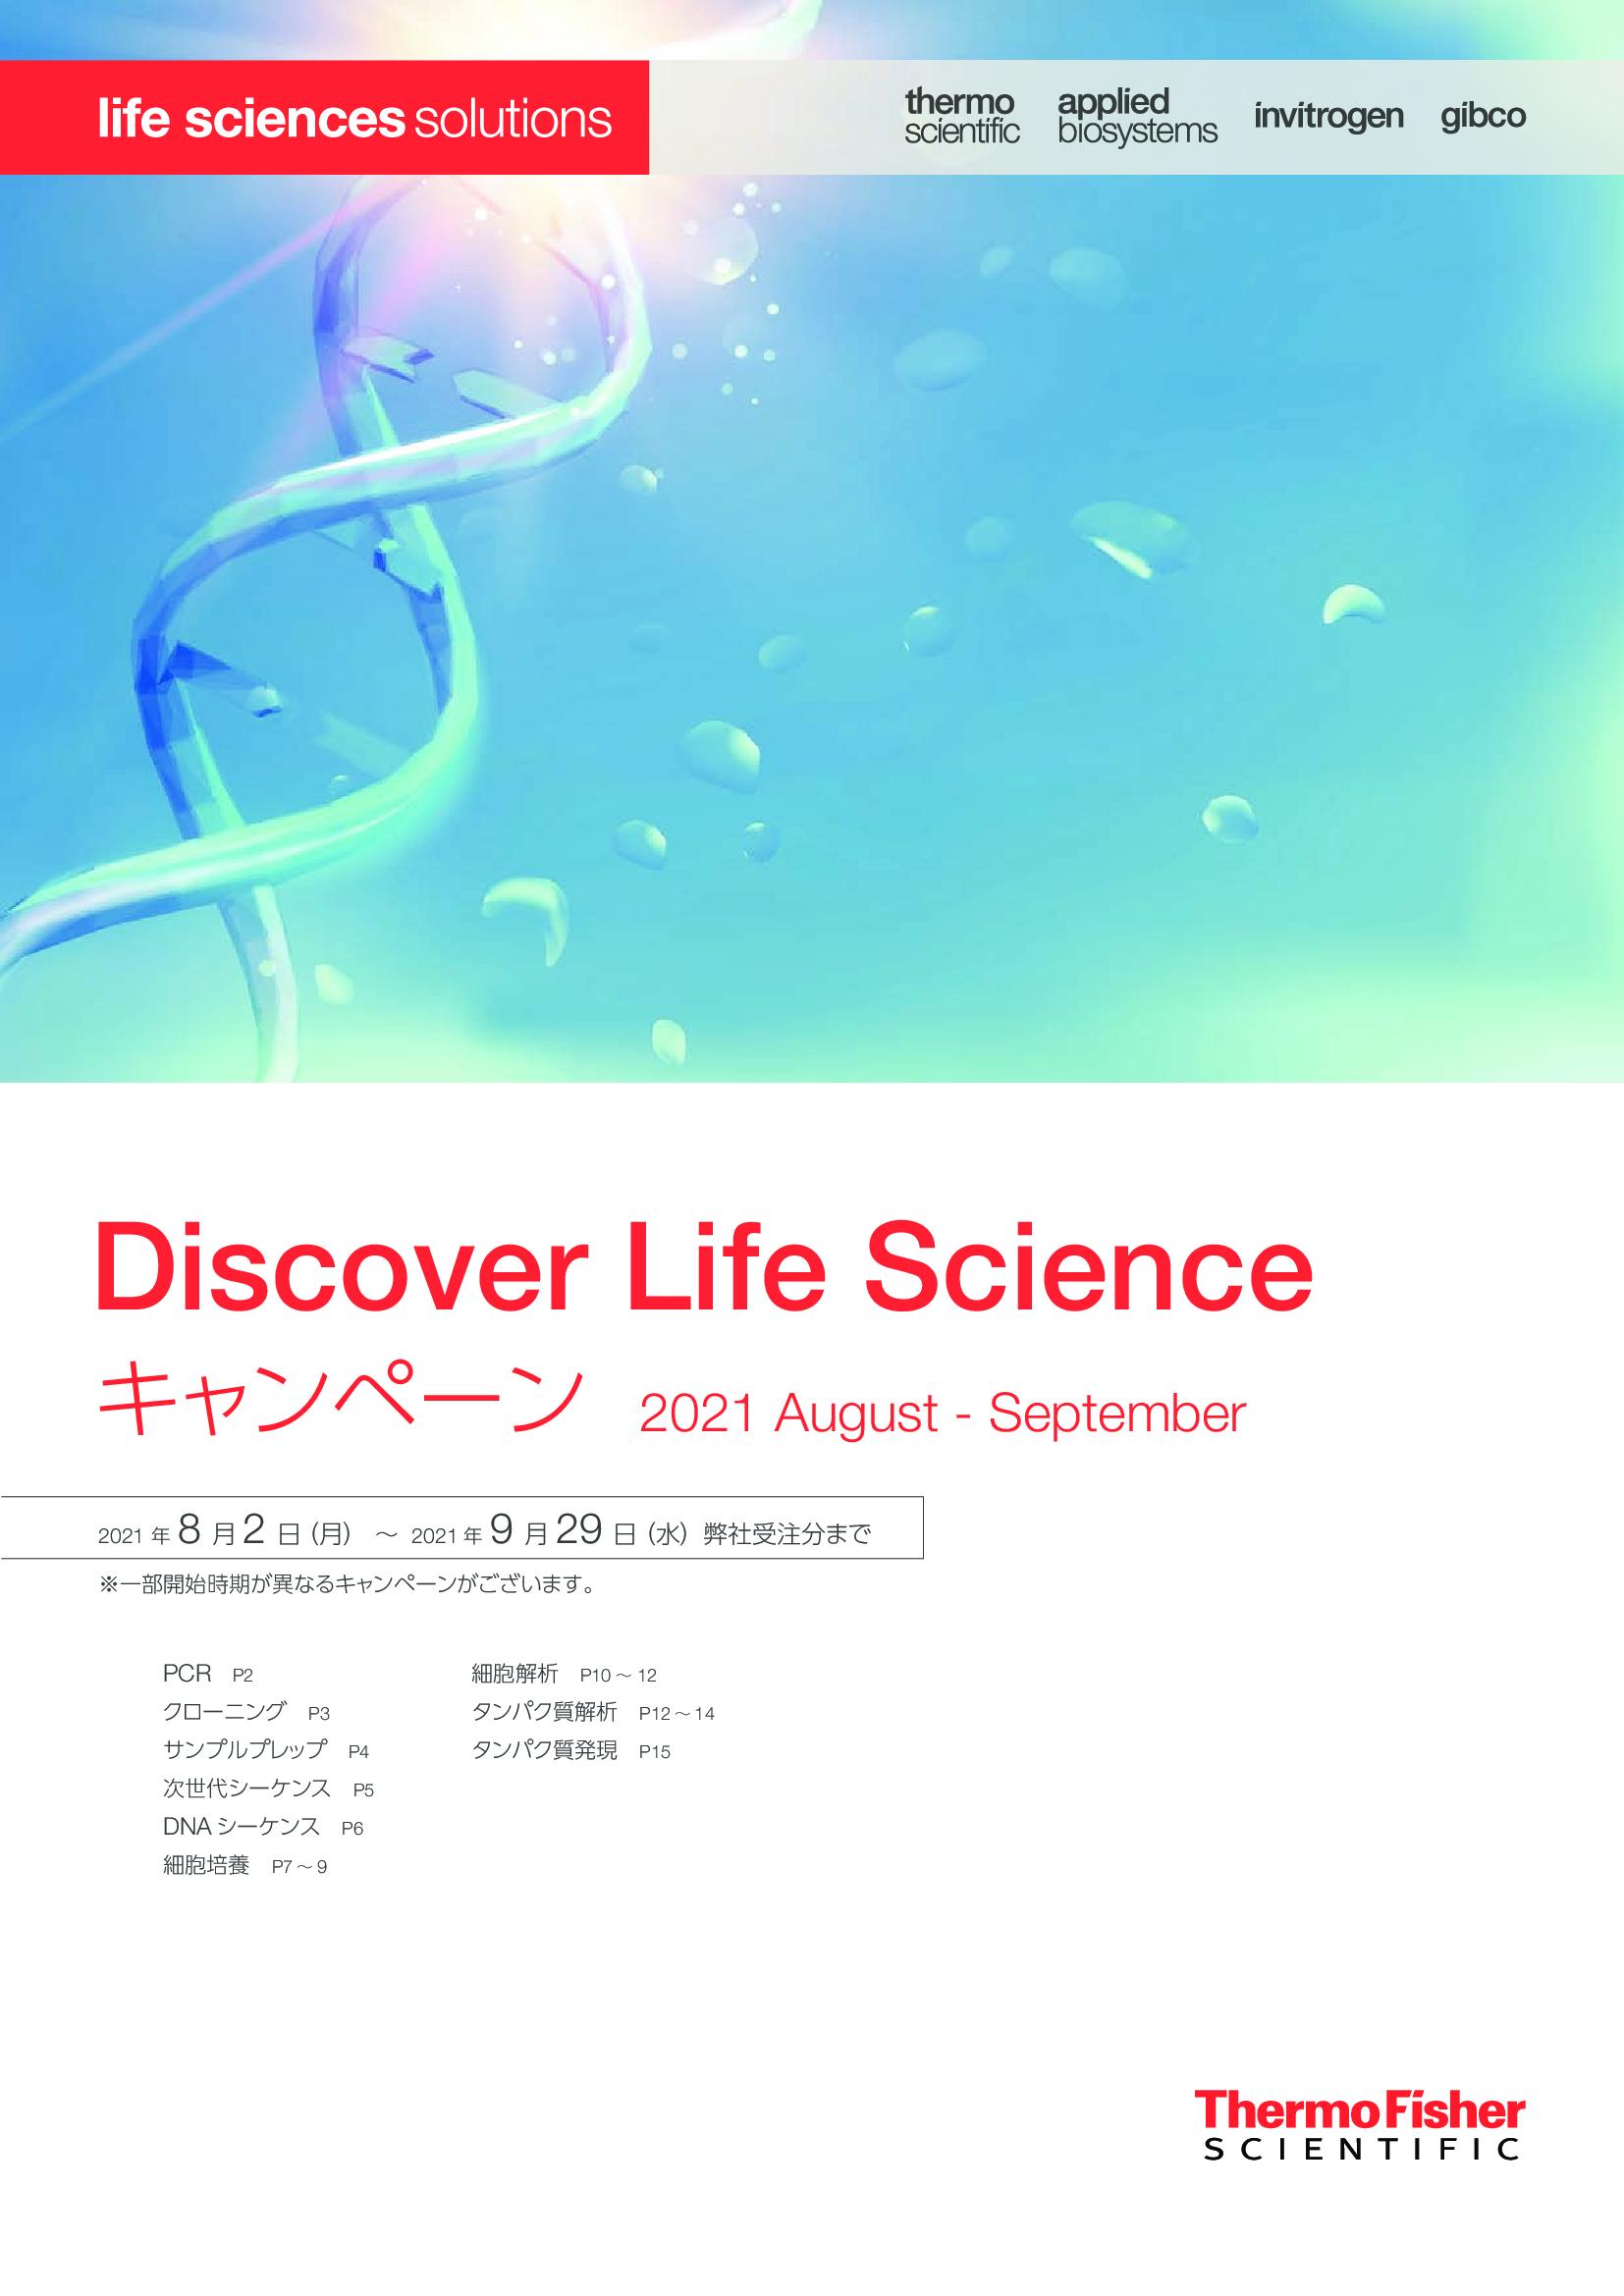 サーモフィッシャー Discover Life Science キャンペーン 2021 August - September